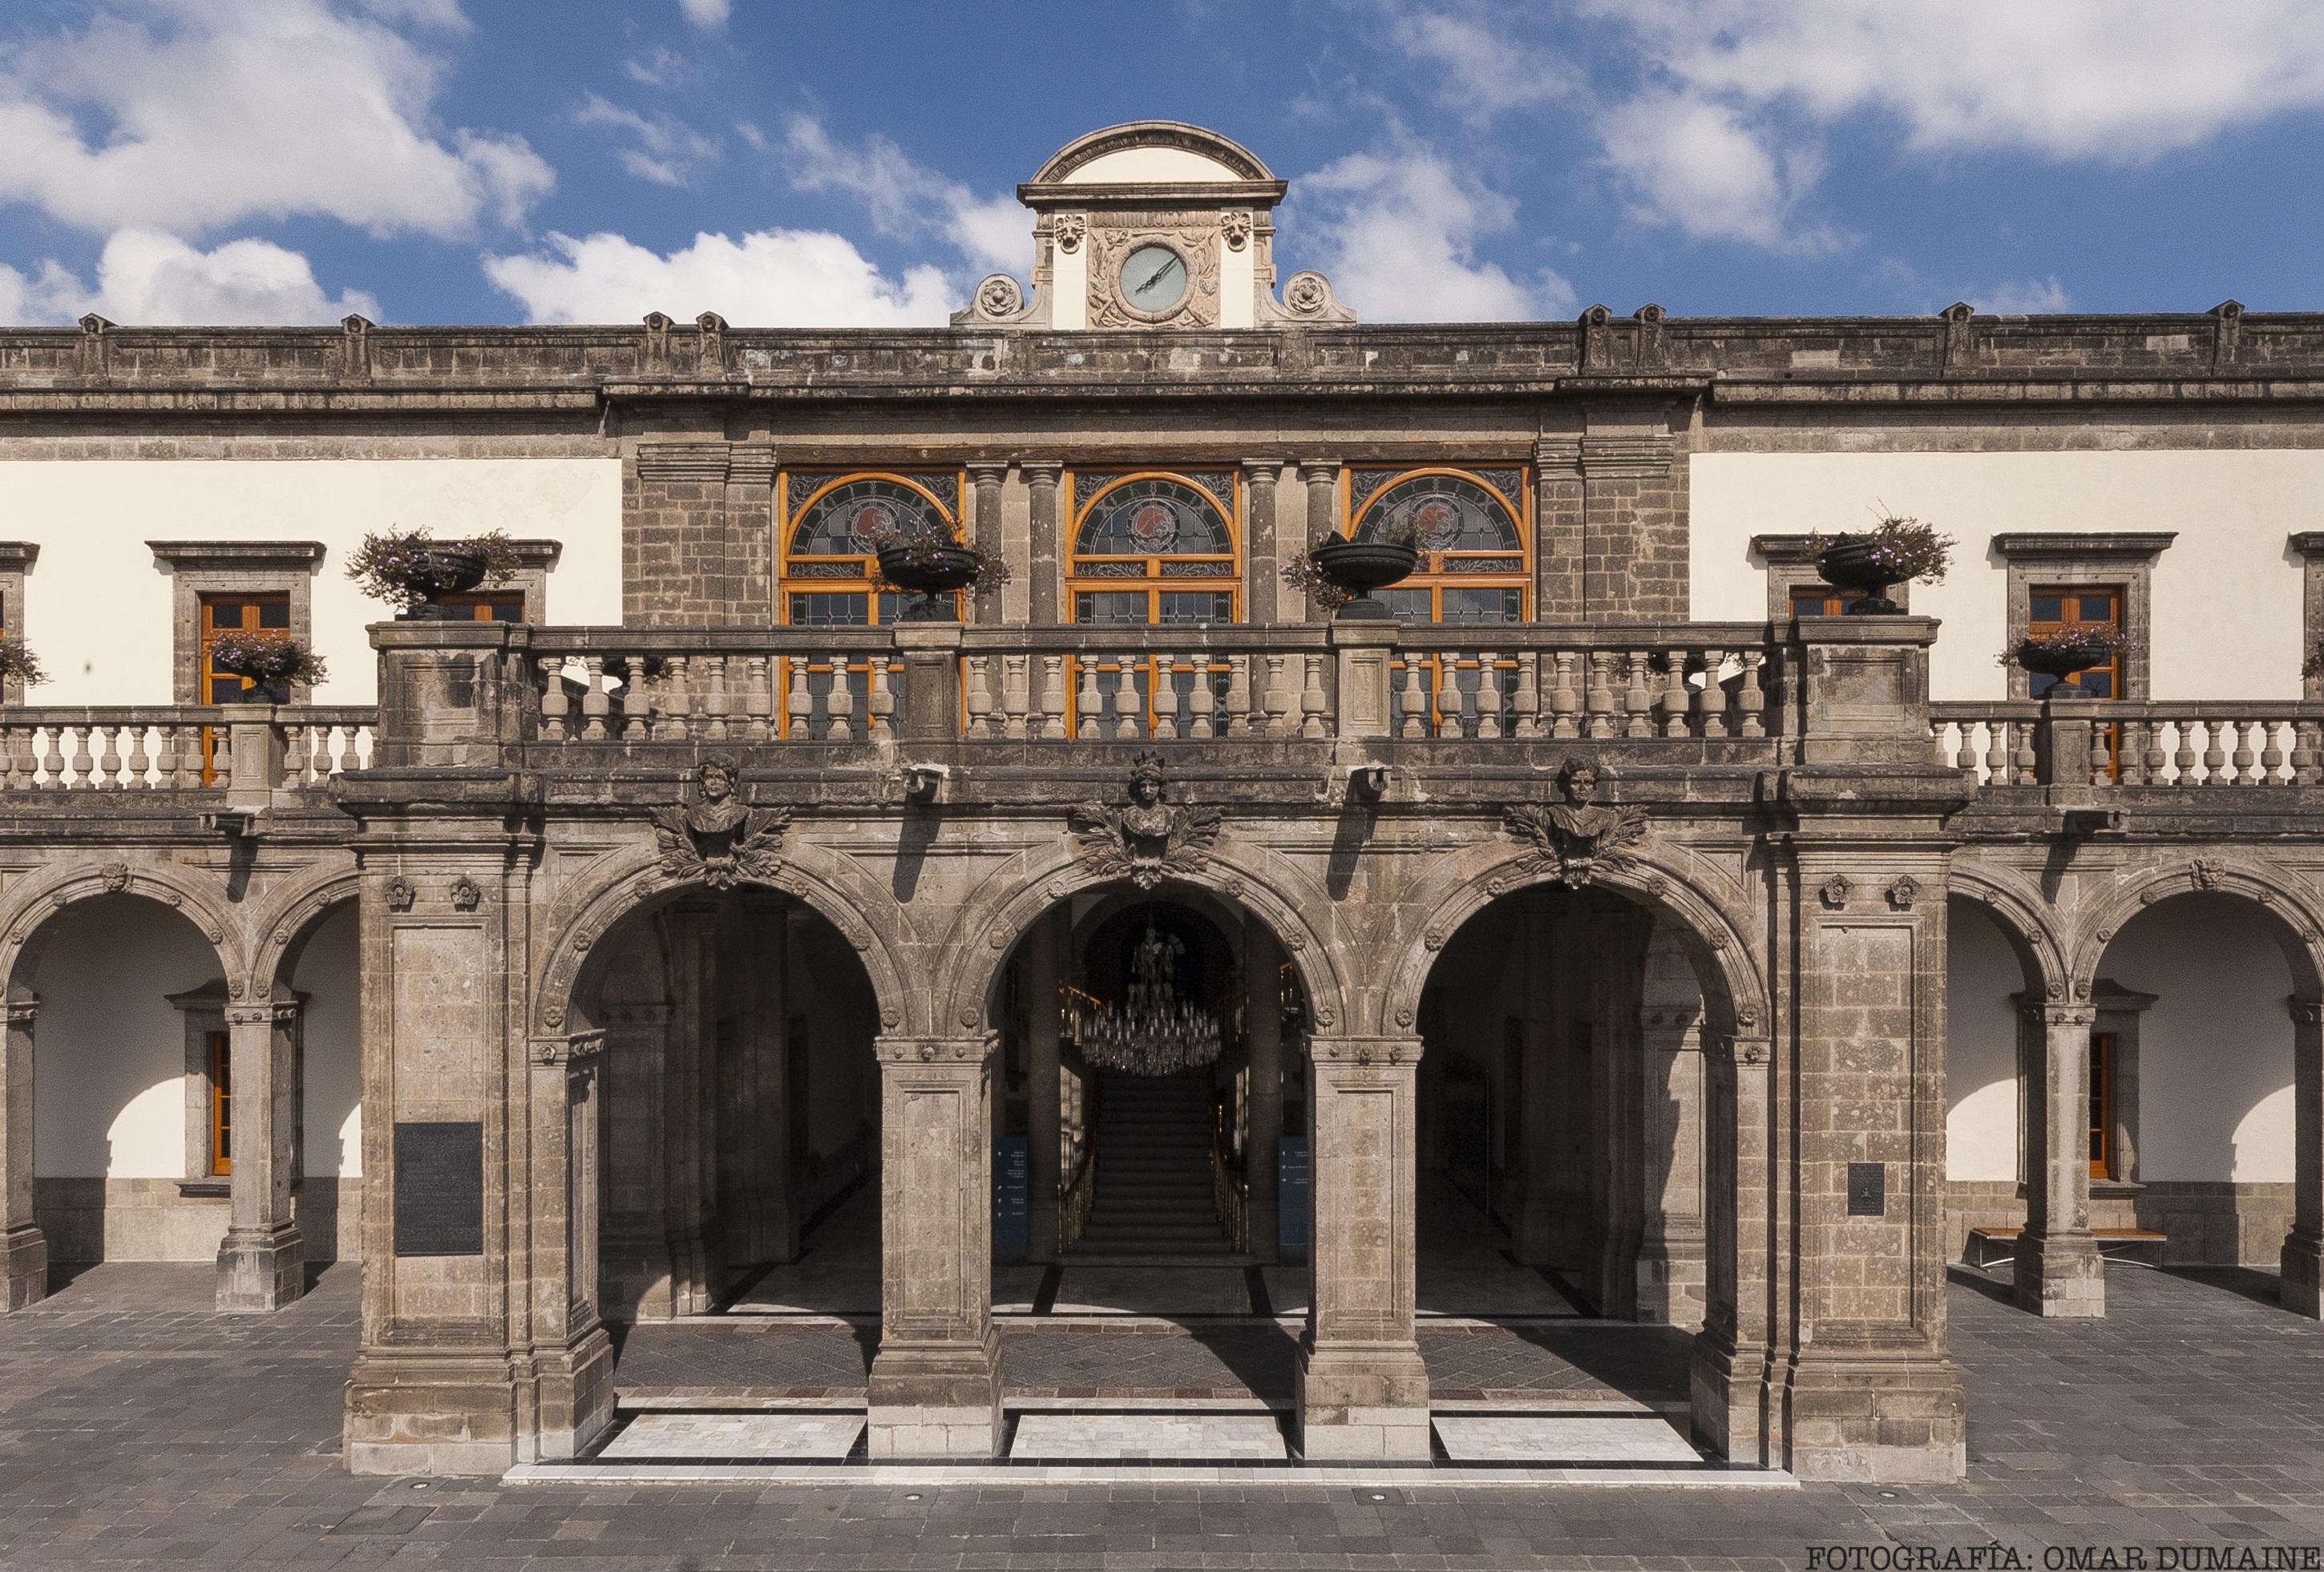 El Museo Nacional de Historia offers a great view of the city